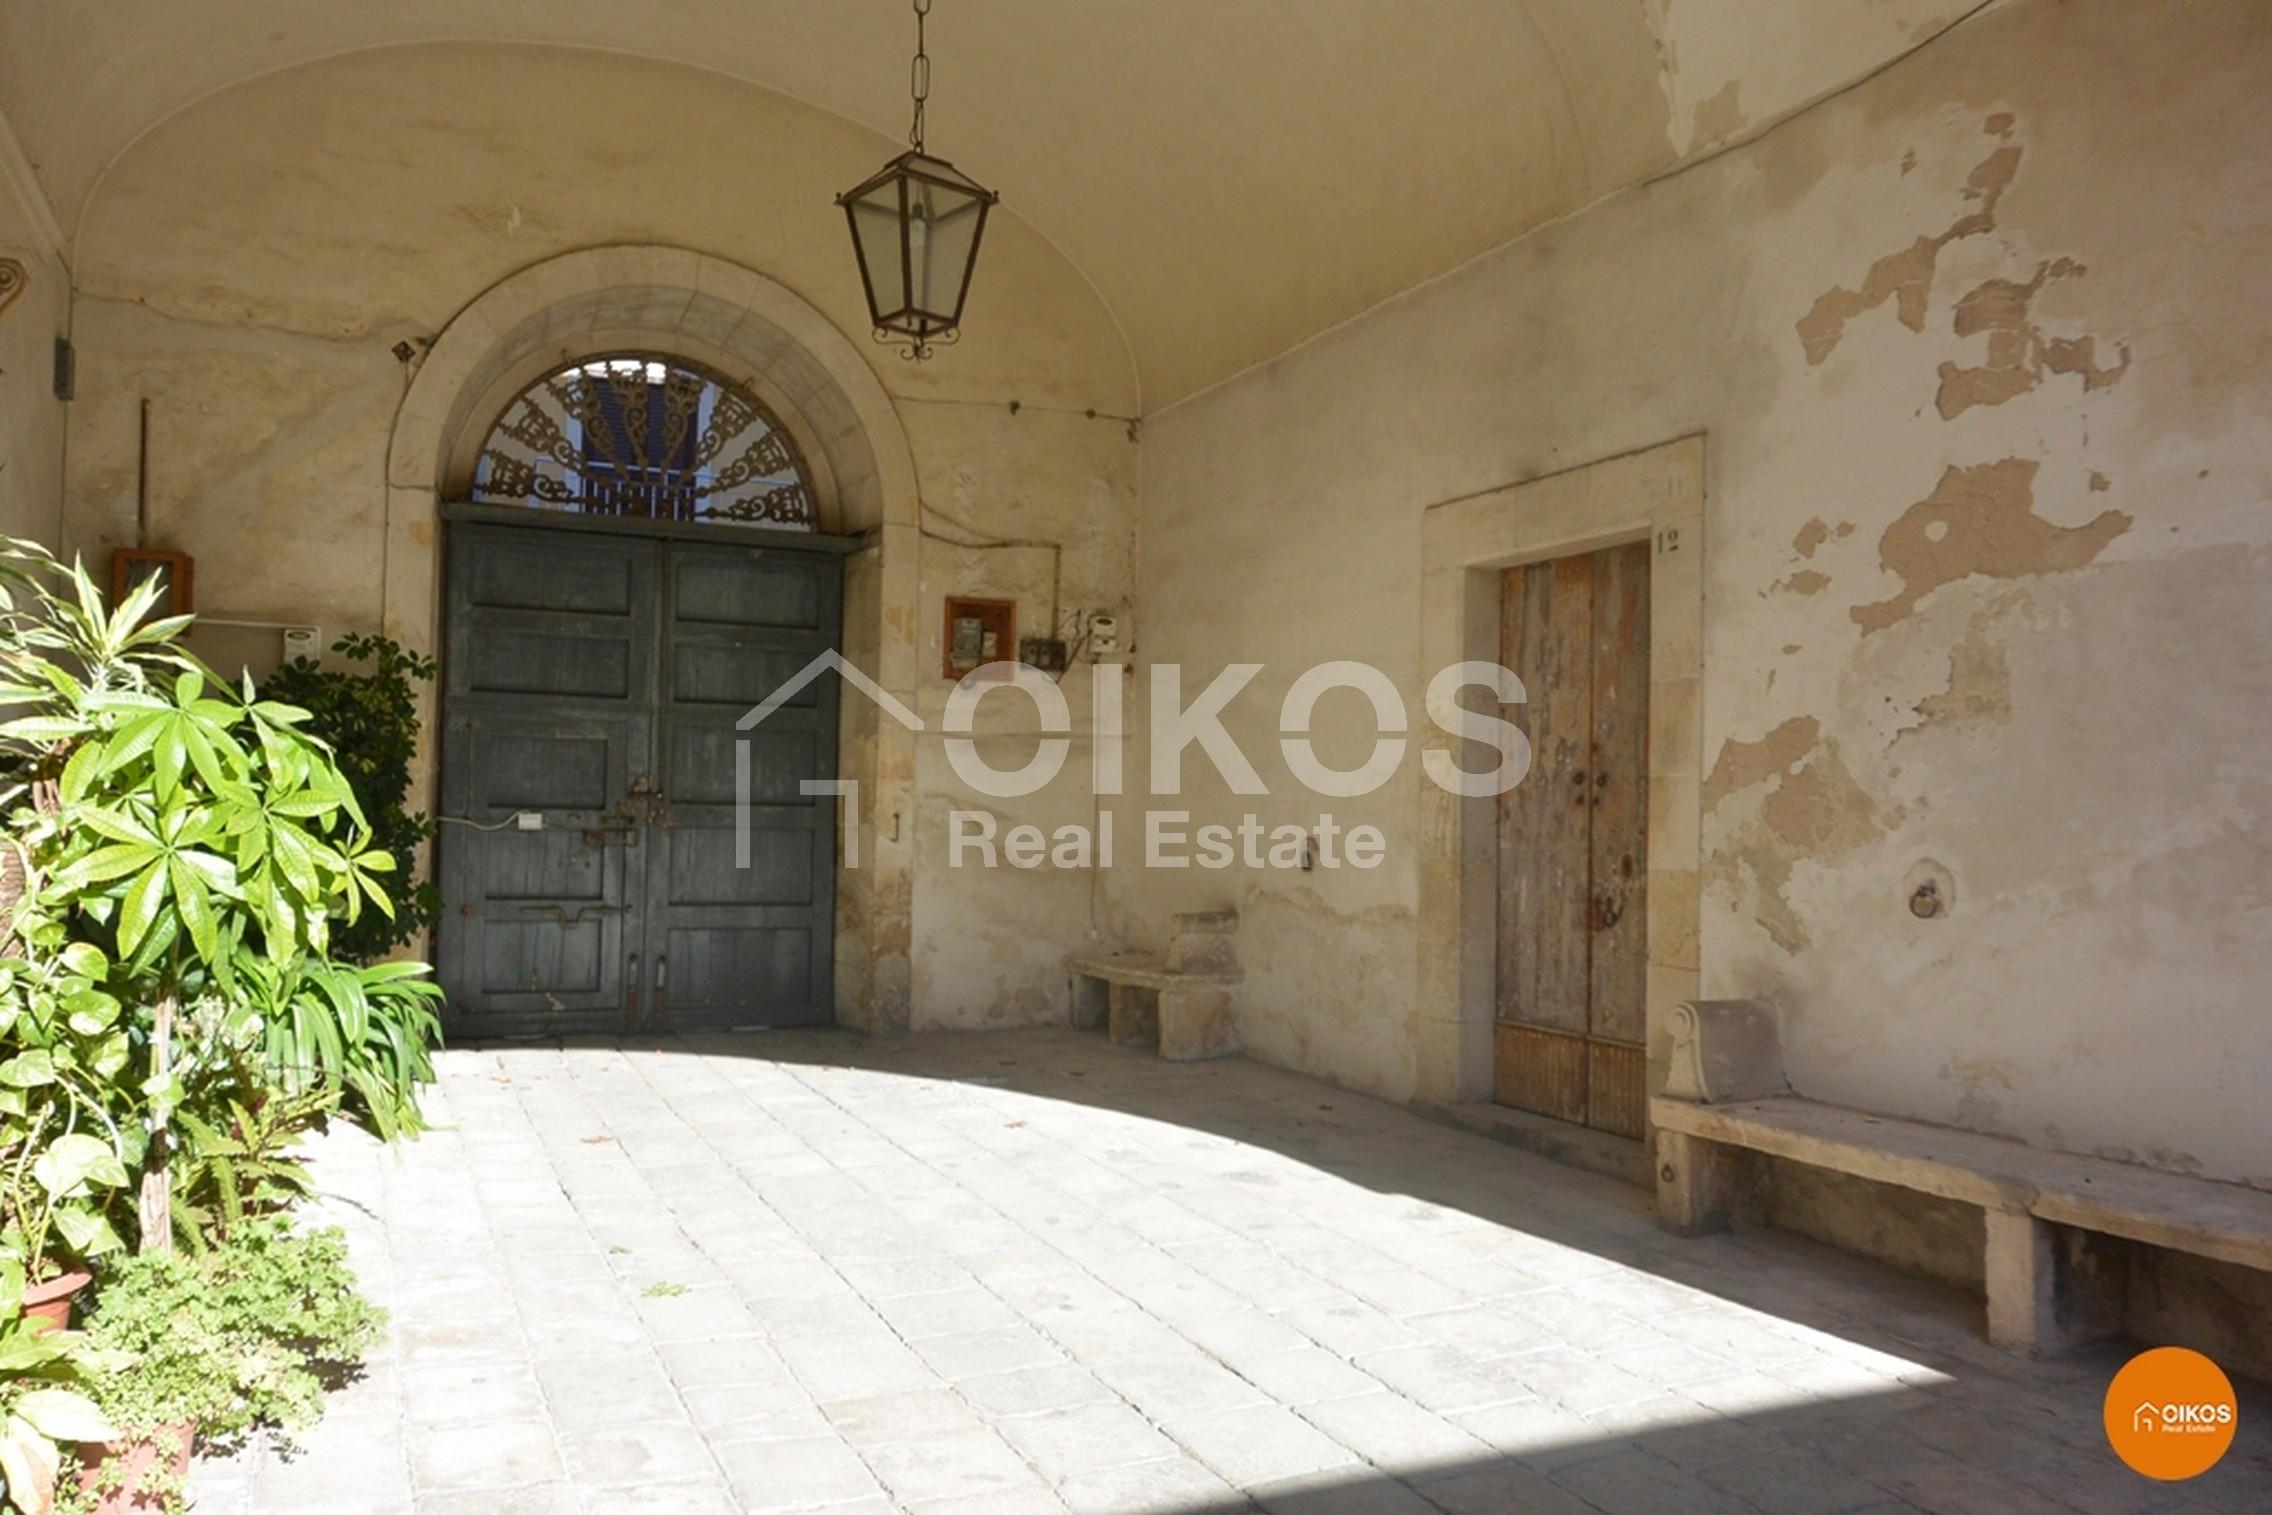 Casa corso Vittorio Emanuele avola noto siracusa barocco unesco vendicari arenella fontane bianche (1)